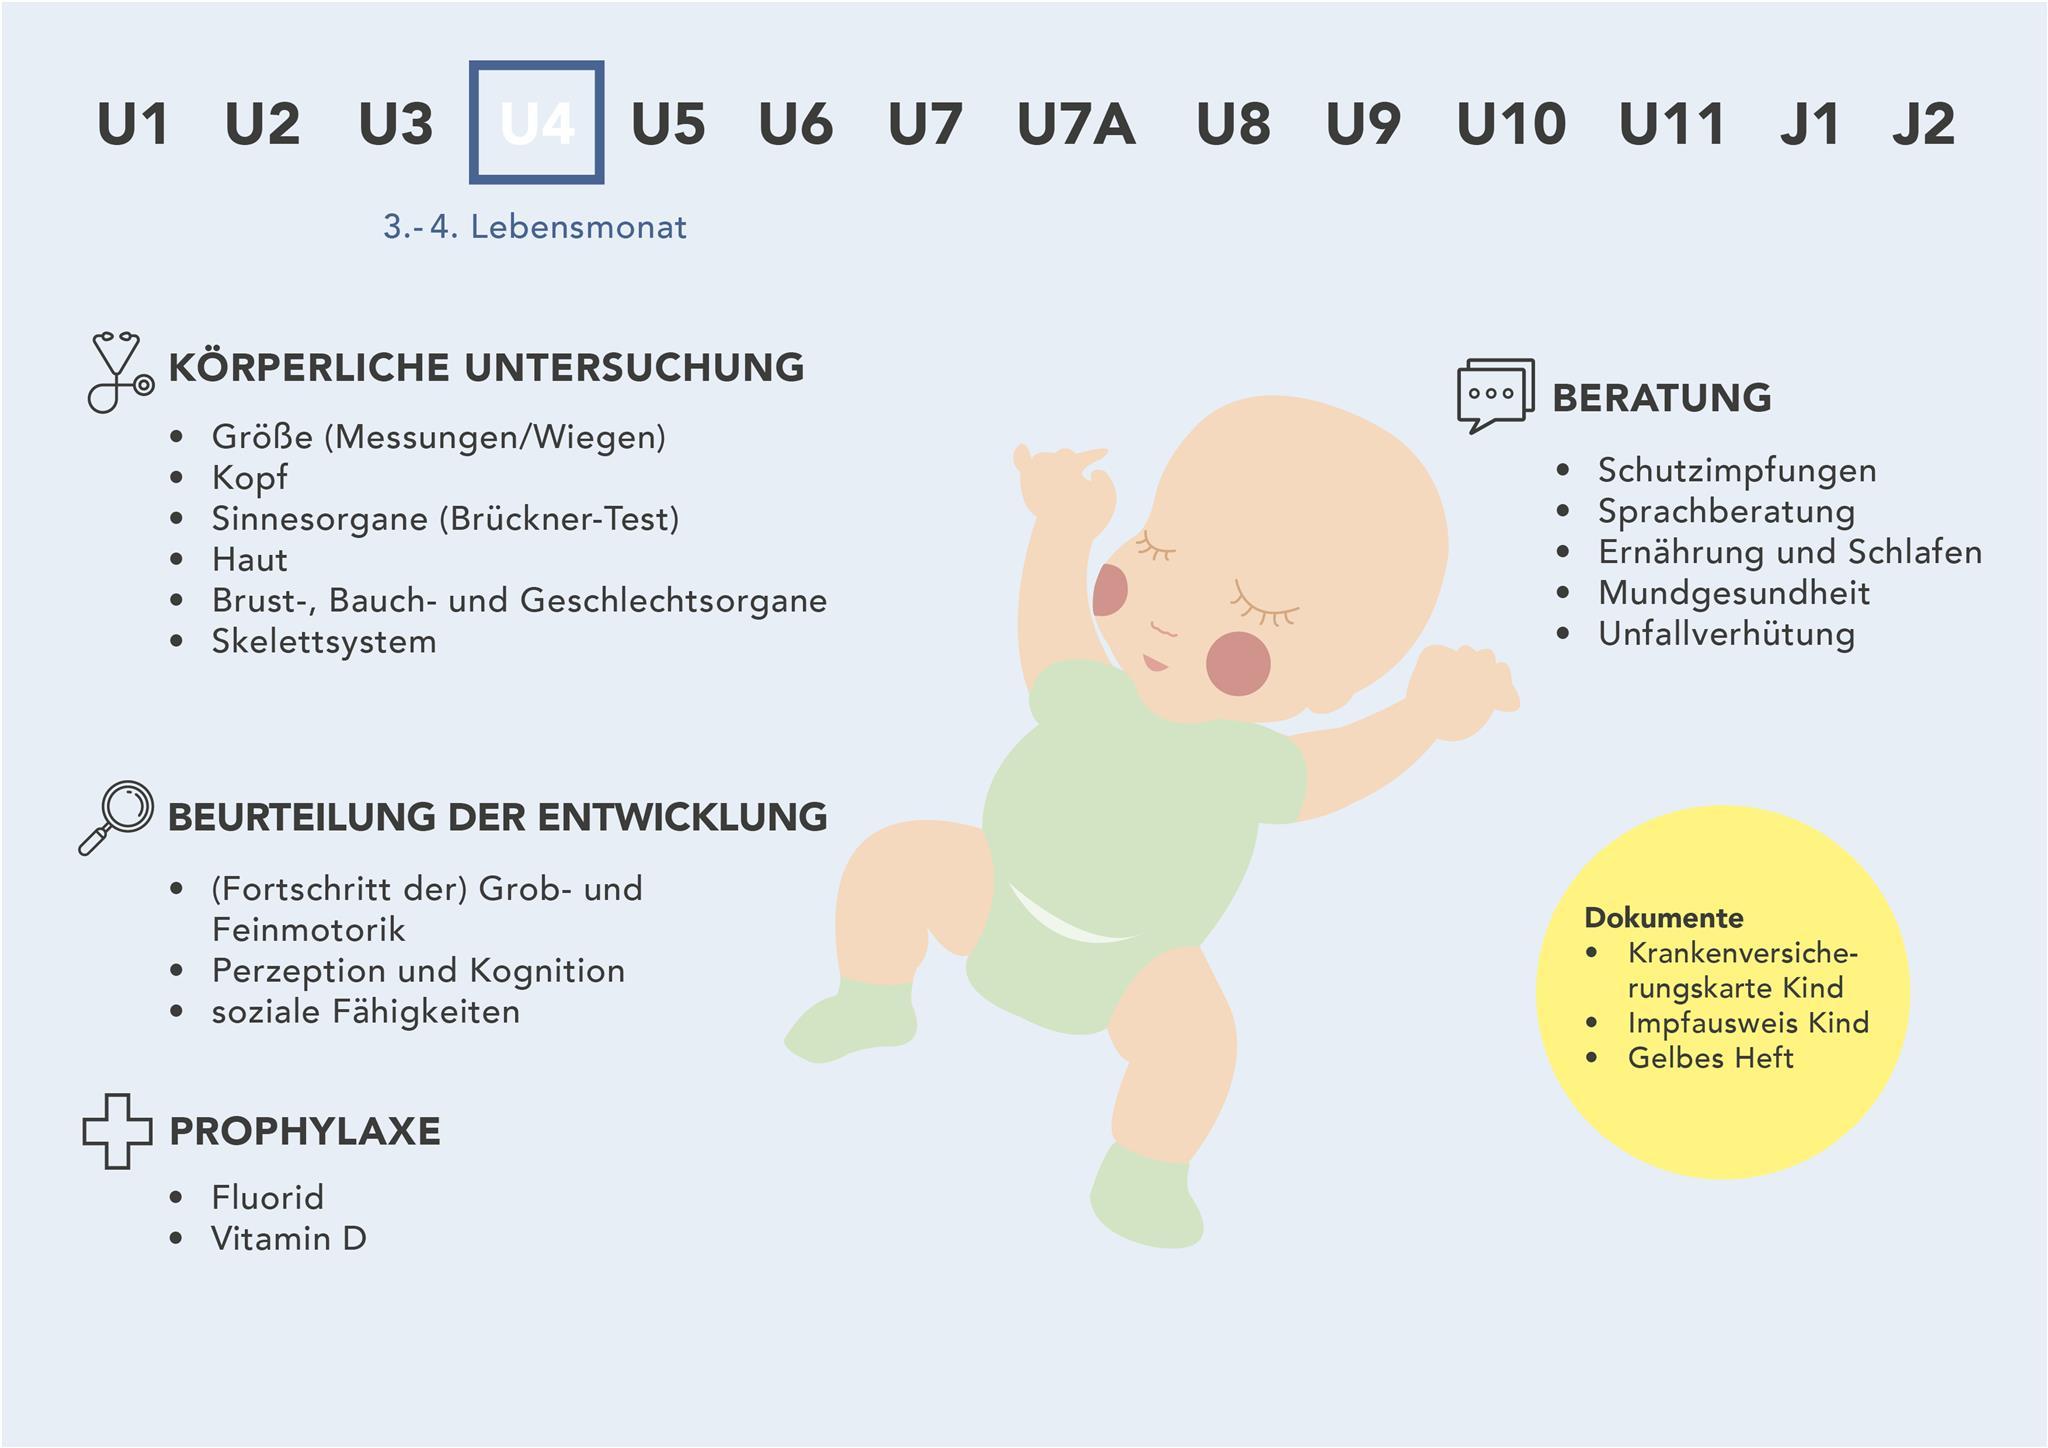 Die U4 auf einen Blick